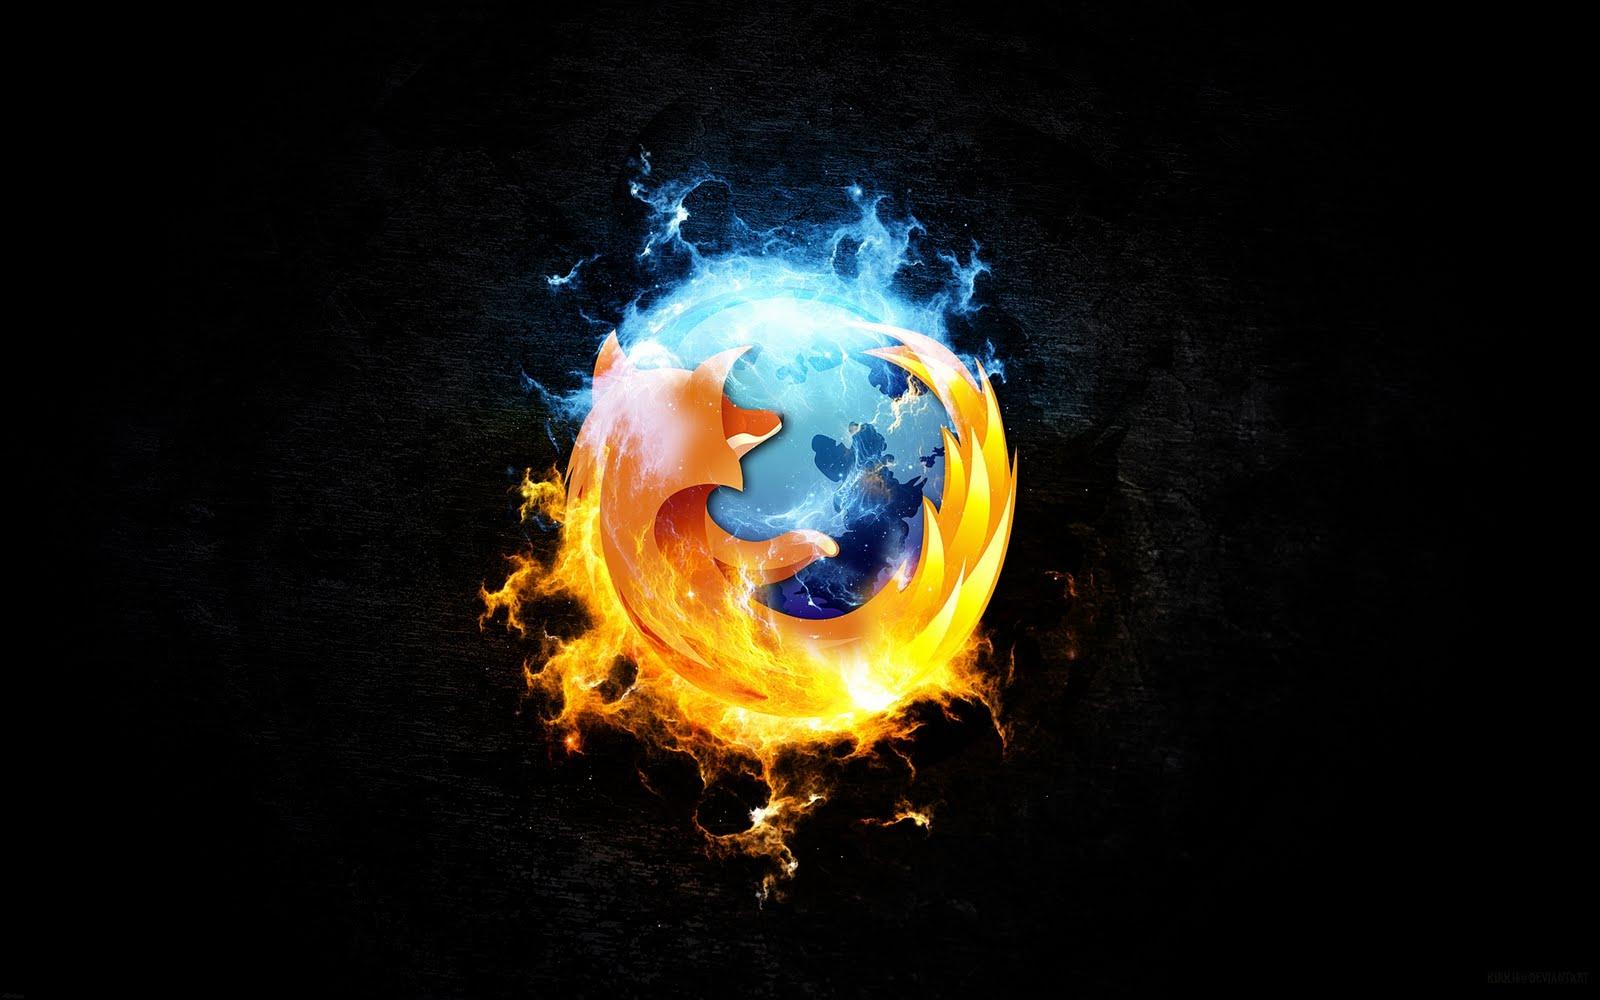 http://3.bp.blogspot.com/-NGQof9X5mgo/TjiP3fxbHLI/AAAAAAAAjYA/JZUJij8t4f8/s1600/cool-firefox.jpg